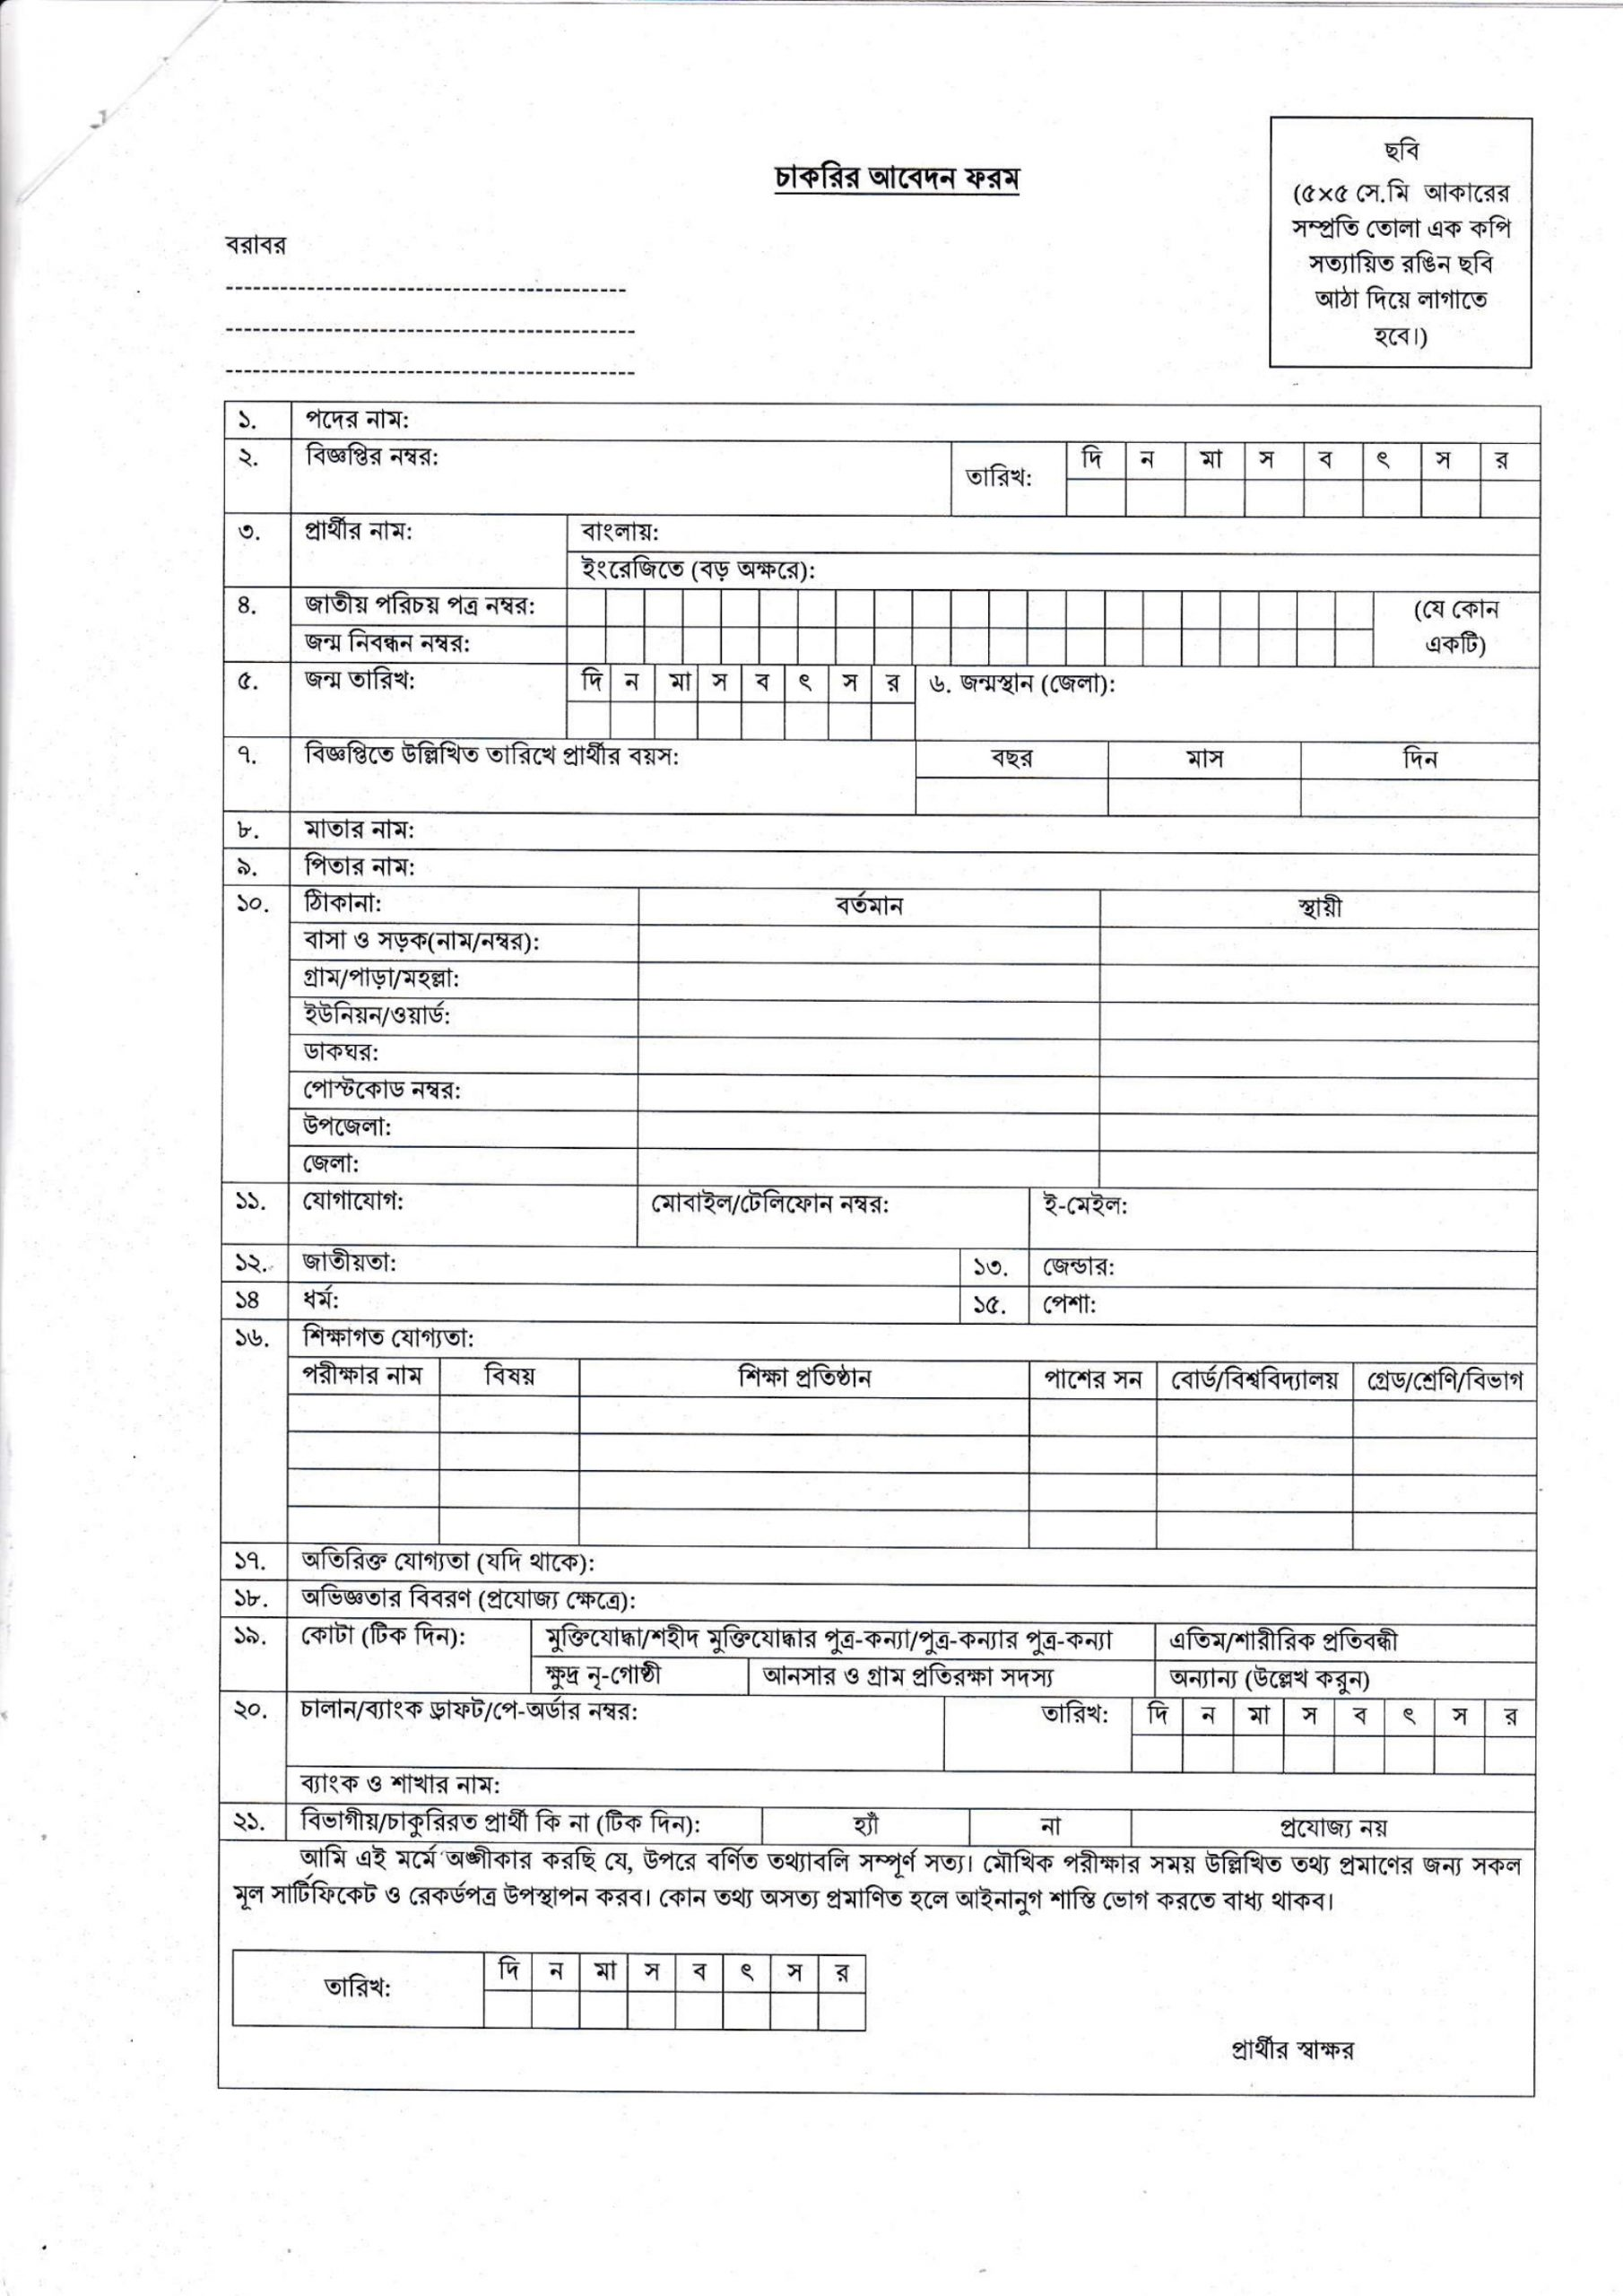 Joypurhat DC Office Job Circular 2021 জয়পুরহাট জেলা প্রশাসকের কার্যালয় নিয়োগ বিজ্ঞপ্তি ২০২১, Joypurhat District Commissioner Office Job Circular 2021-4